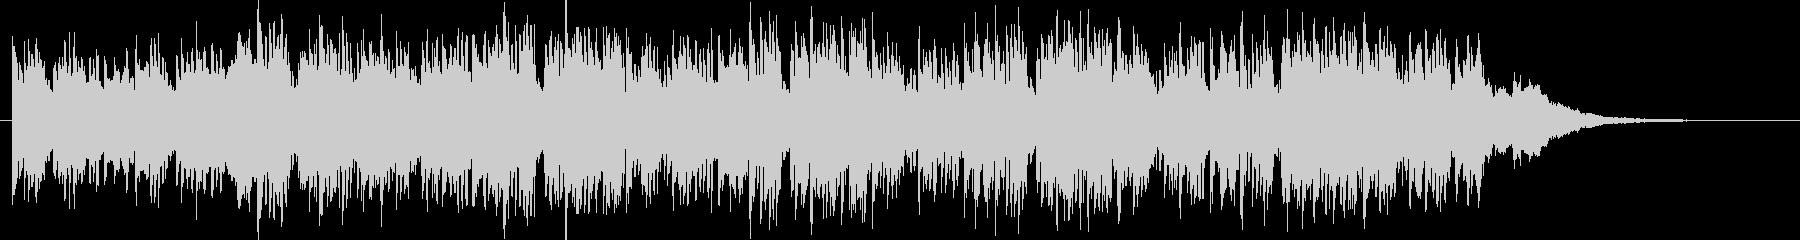 ボイスサンプルの入ったアグレッシブな曲の未再生の波形